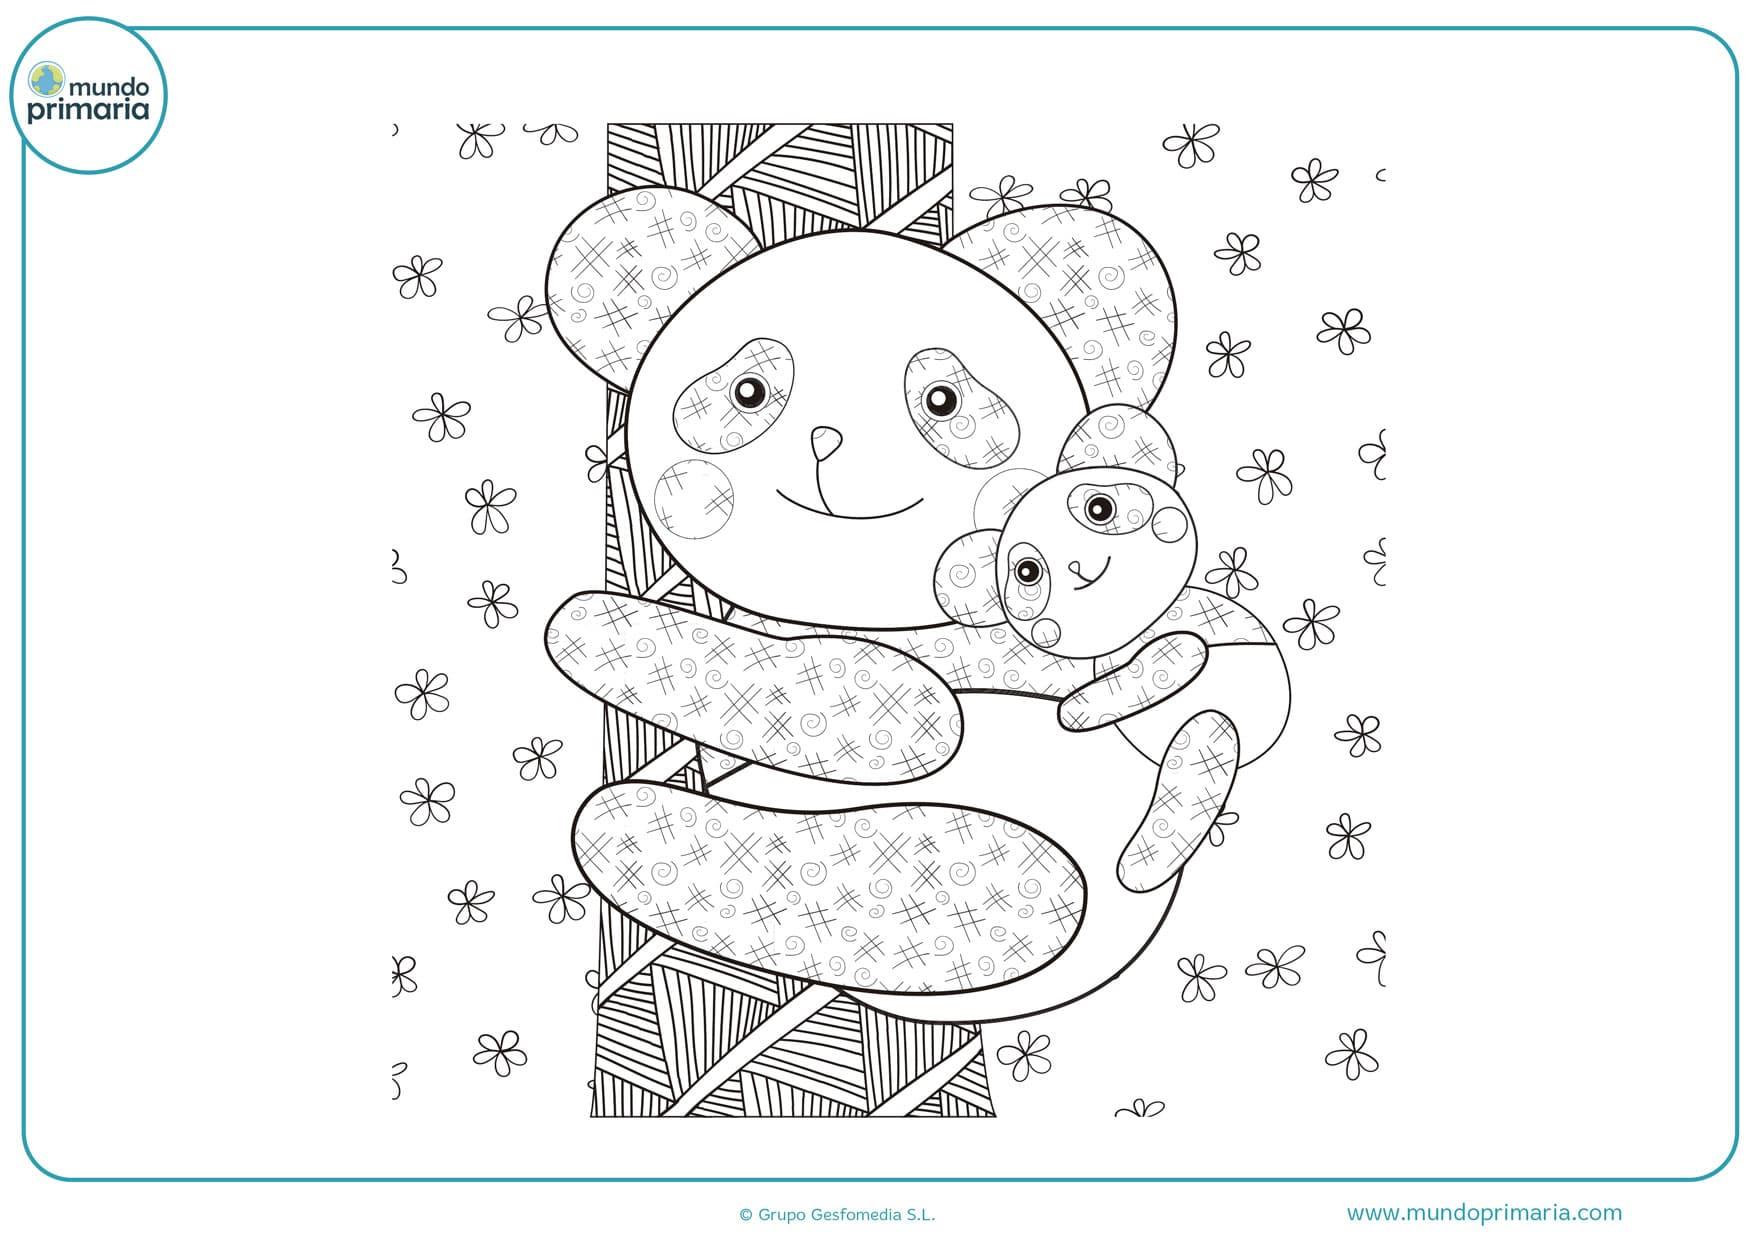 dibujos de pandas divertidos para colorear